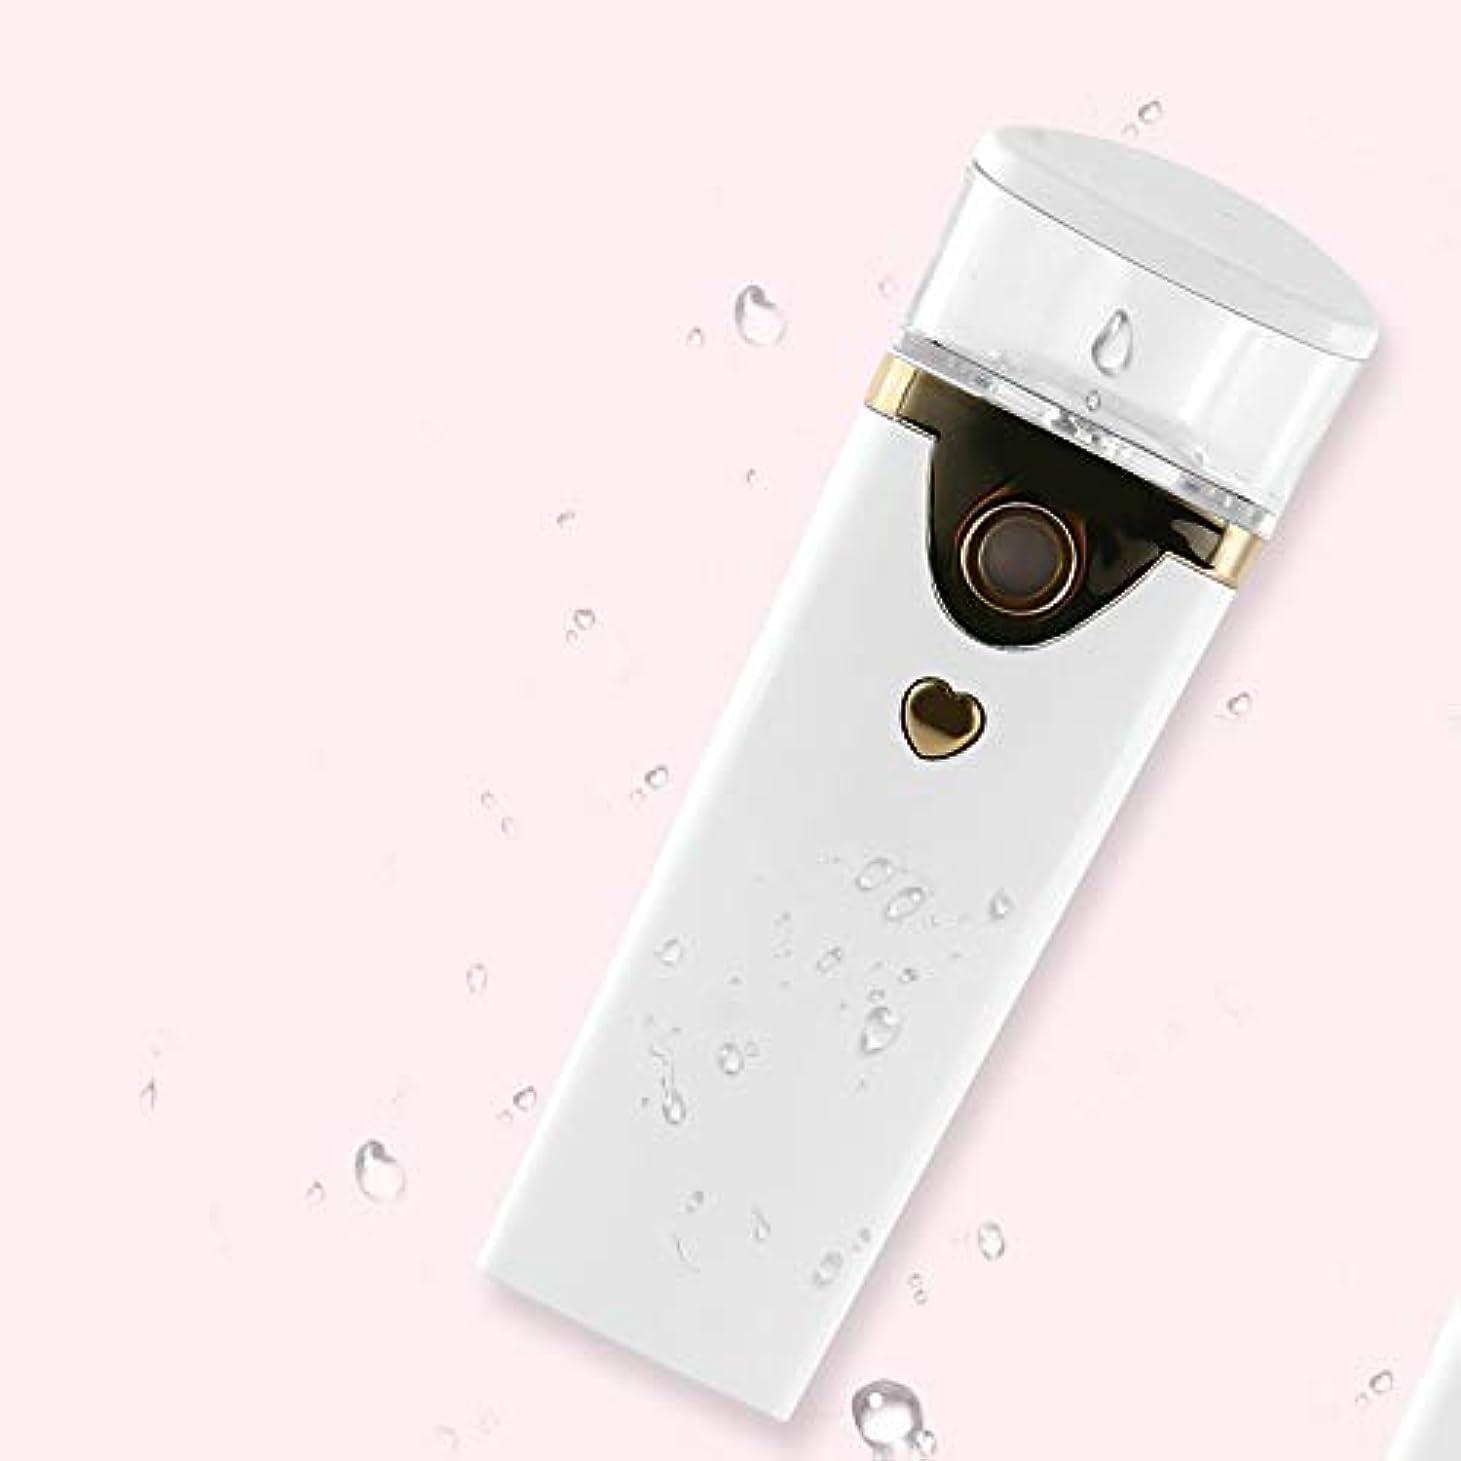 コーンウォール呼び起こす現実的ZXF ハンドヘルドポータブルかわいいナノ水道メーターABS材料スチームフェイス水分補給美容器具噴霧器ホワイト 滑らかである